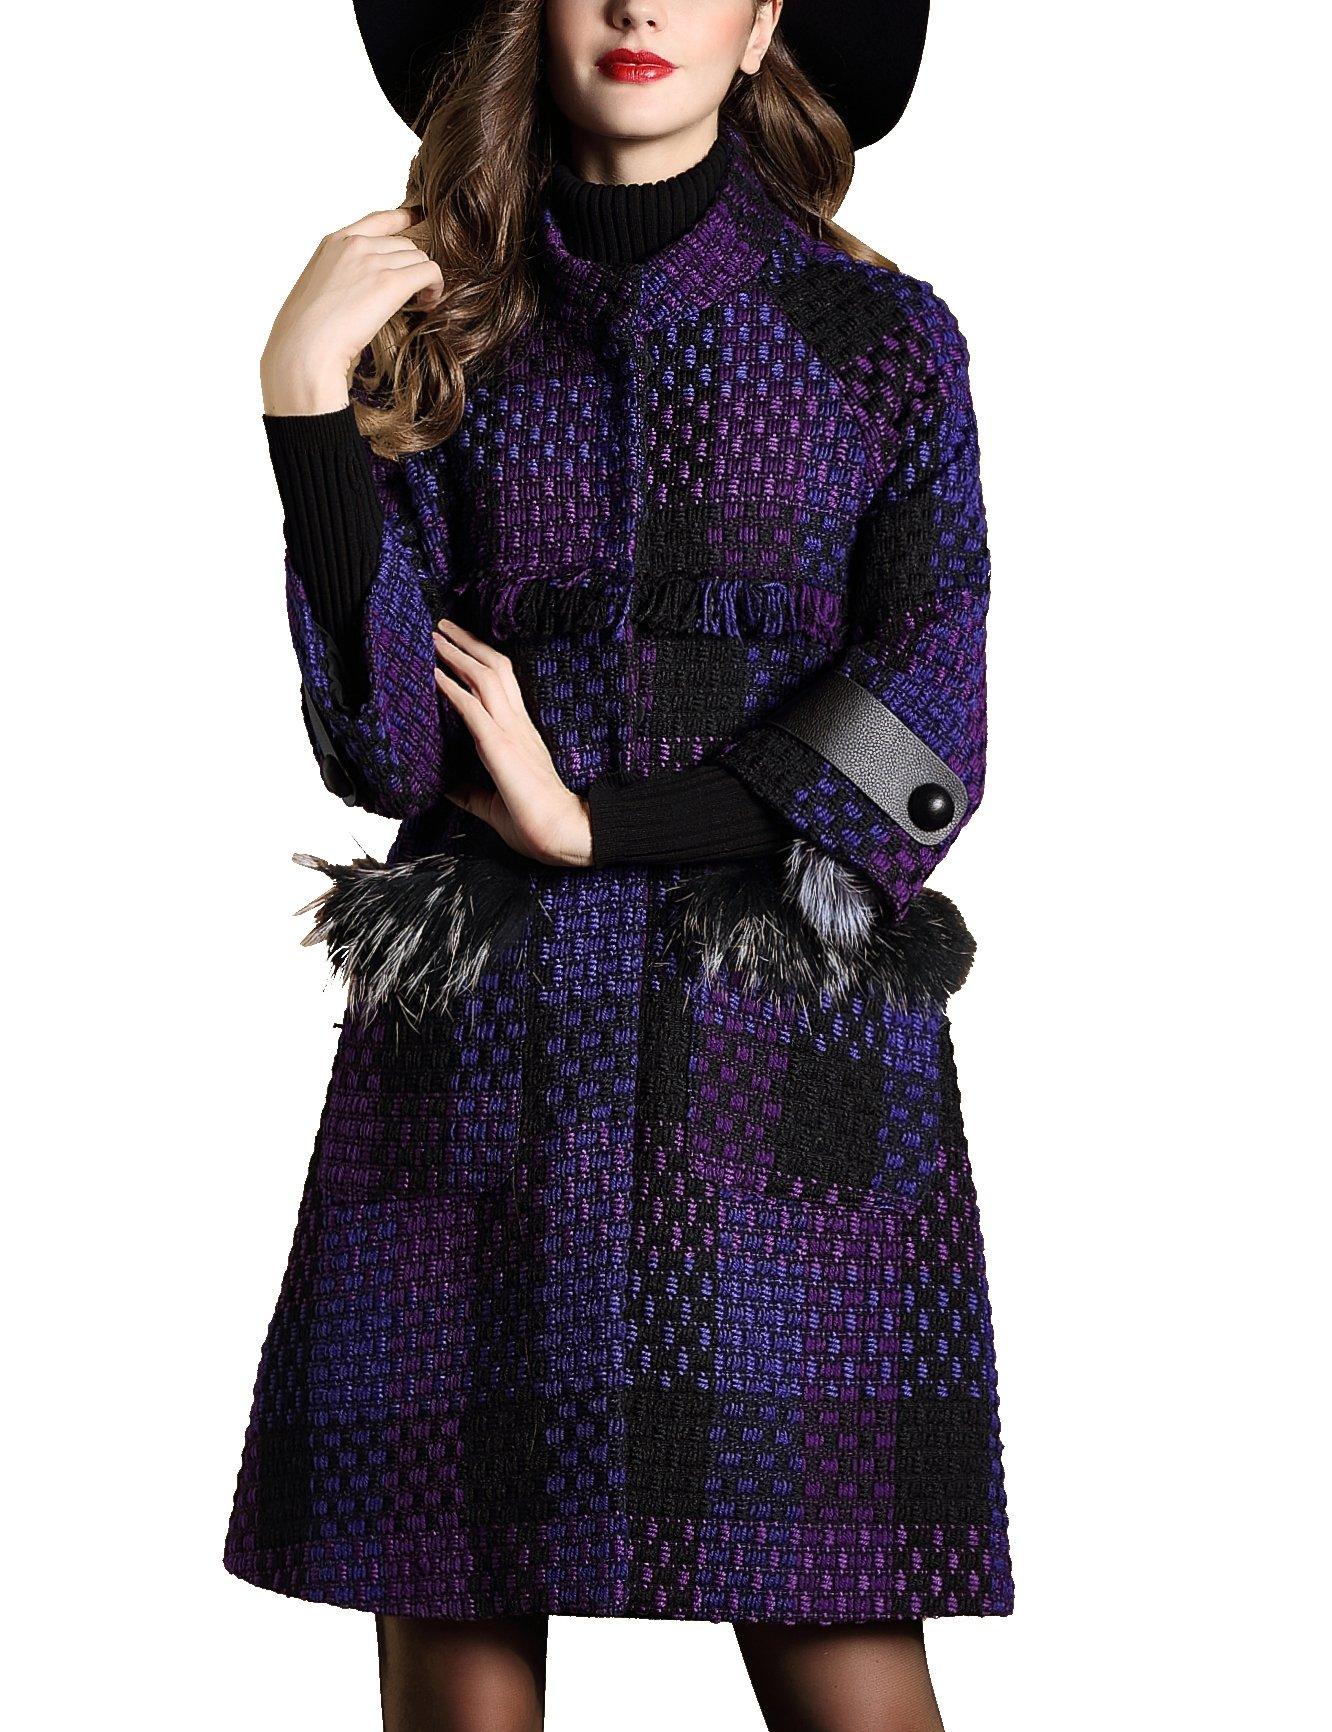 DanMunier Women's Winter Classic Double-Breasted Coat #4358 (M, Purple) by DanMunier